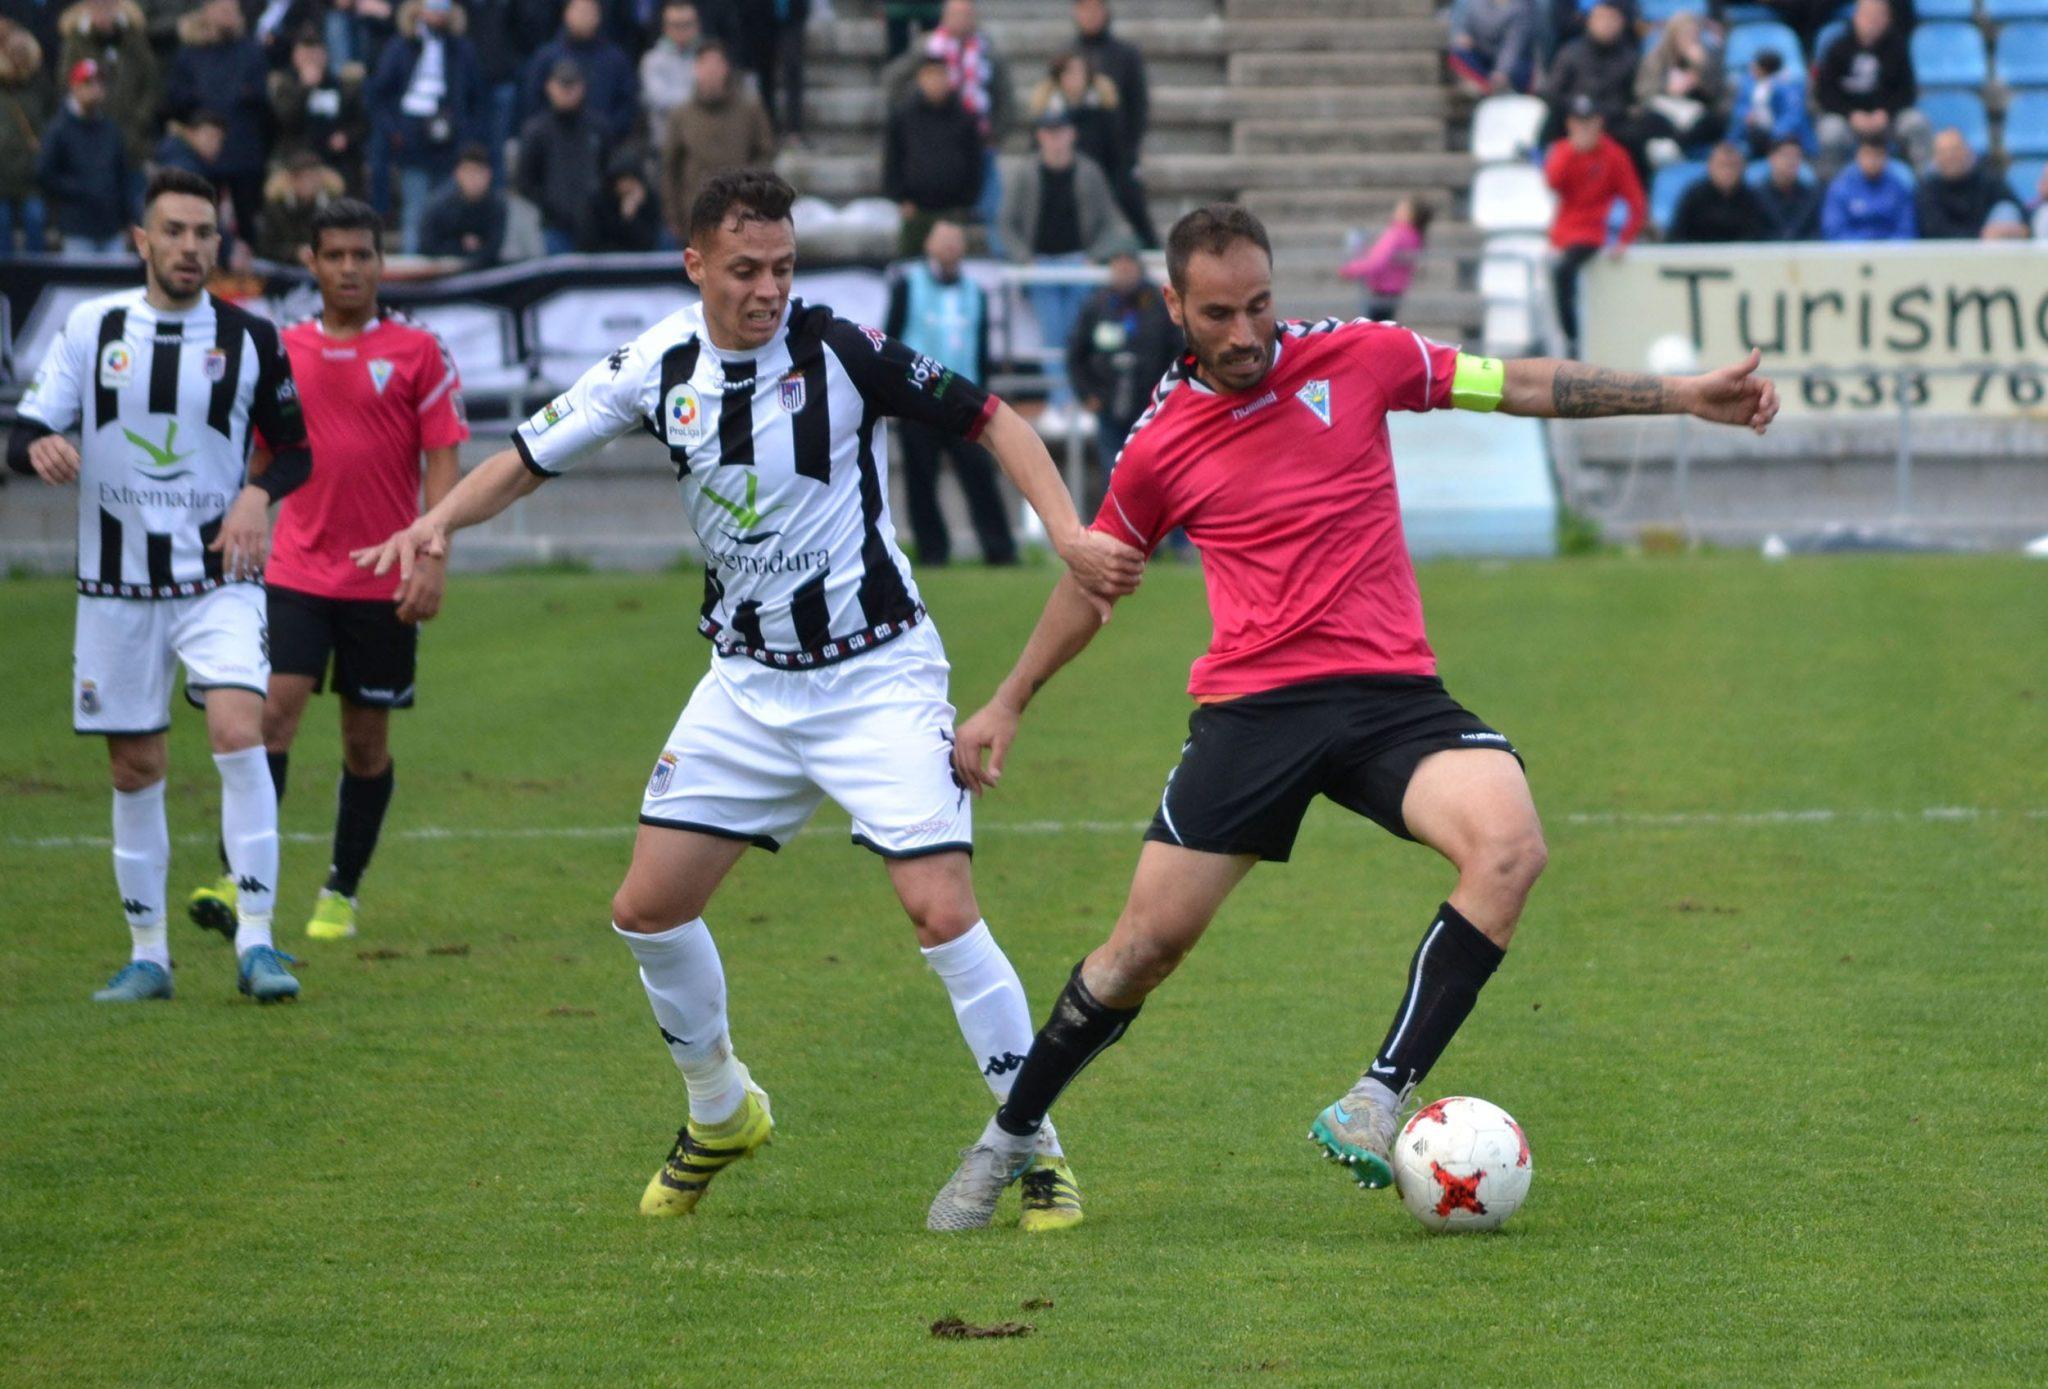 El Marbella FC continúa líder de la clasificación tras su empate frente al Badajoz